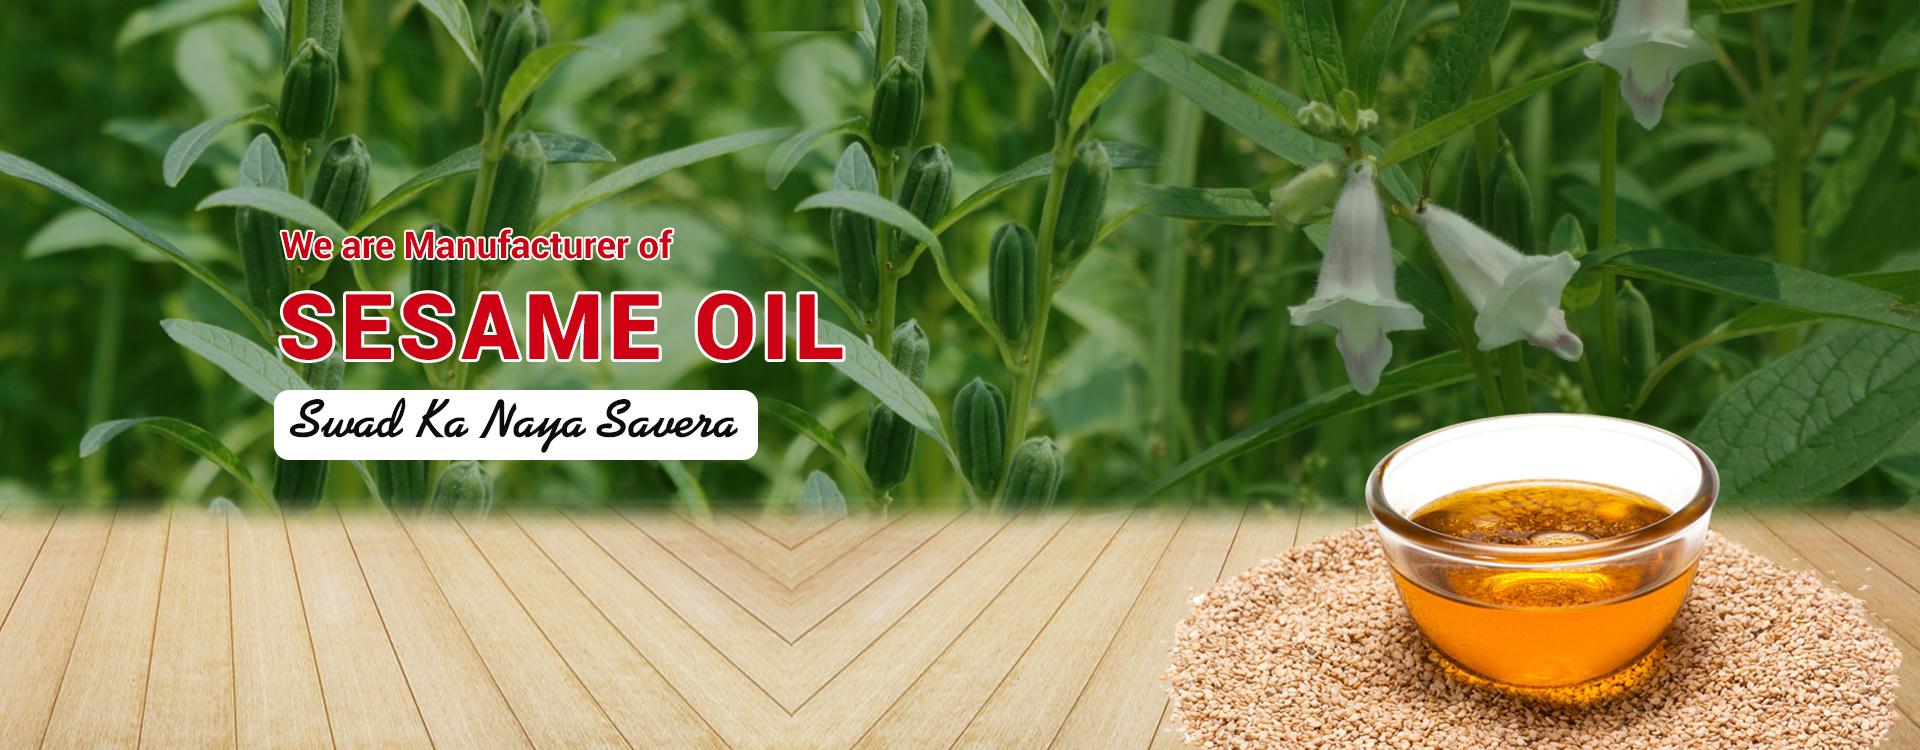 Sesame Oil Manufacturer